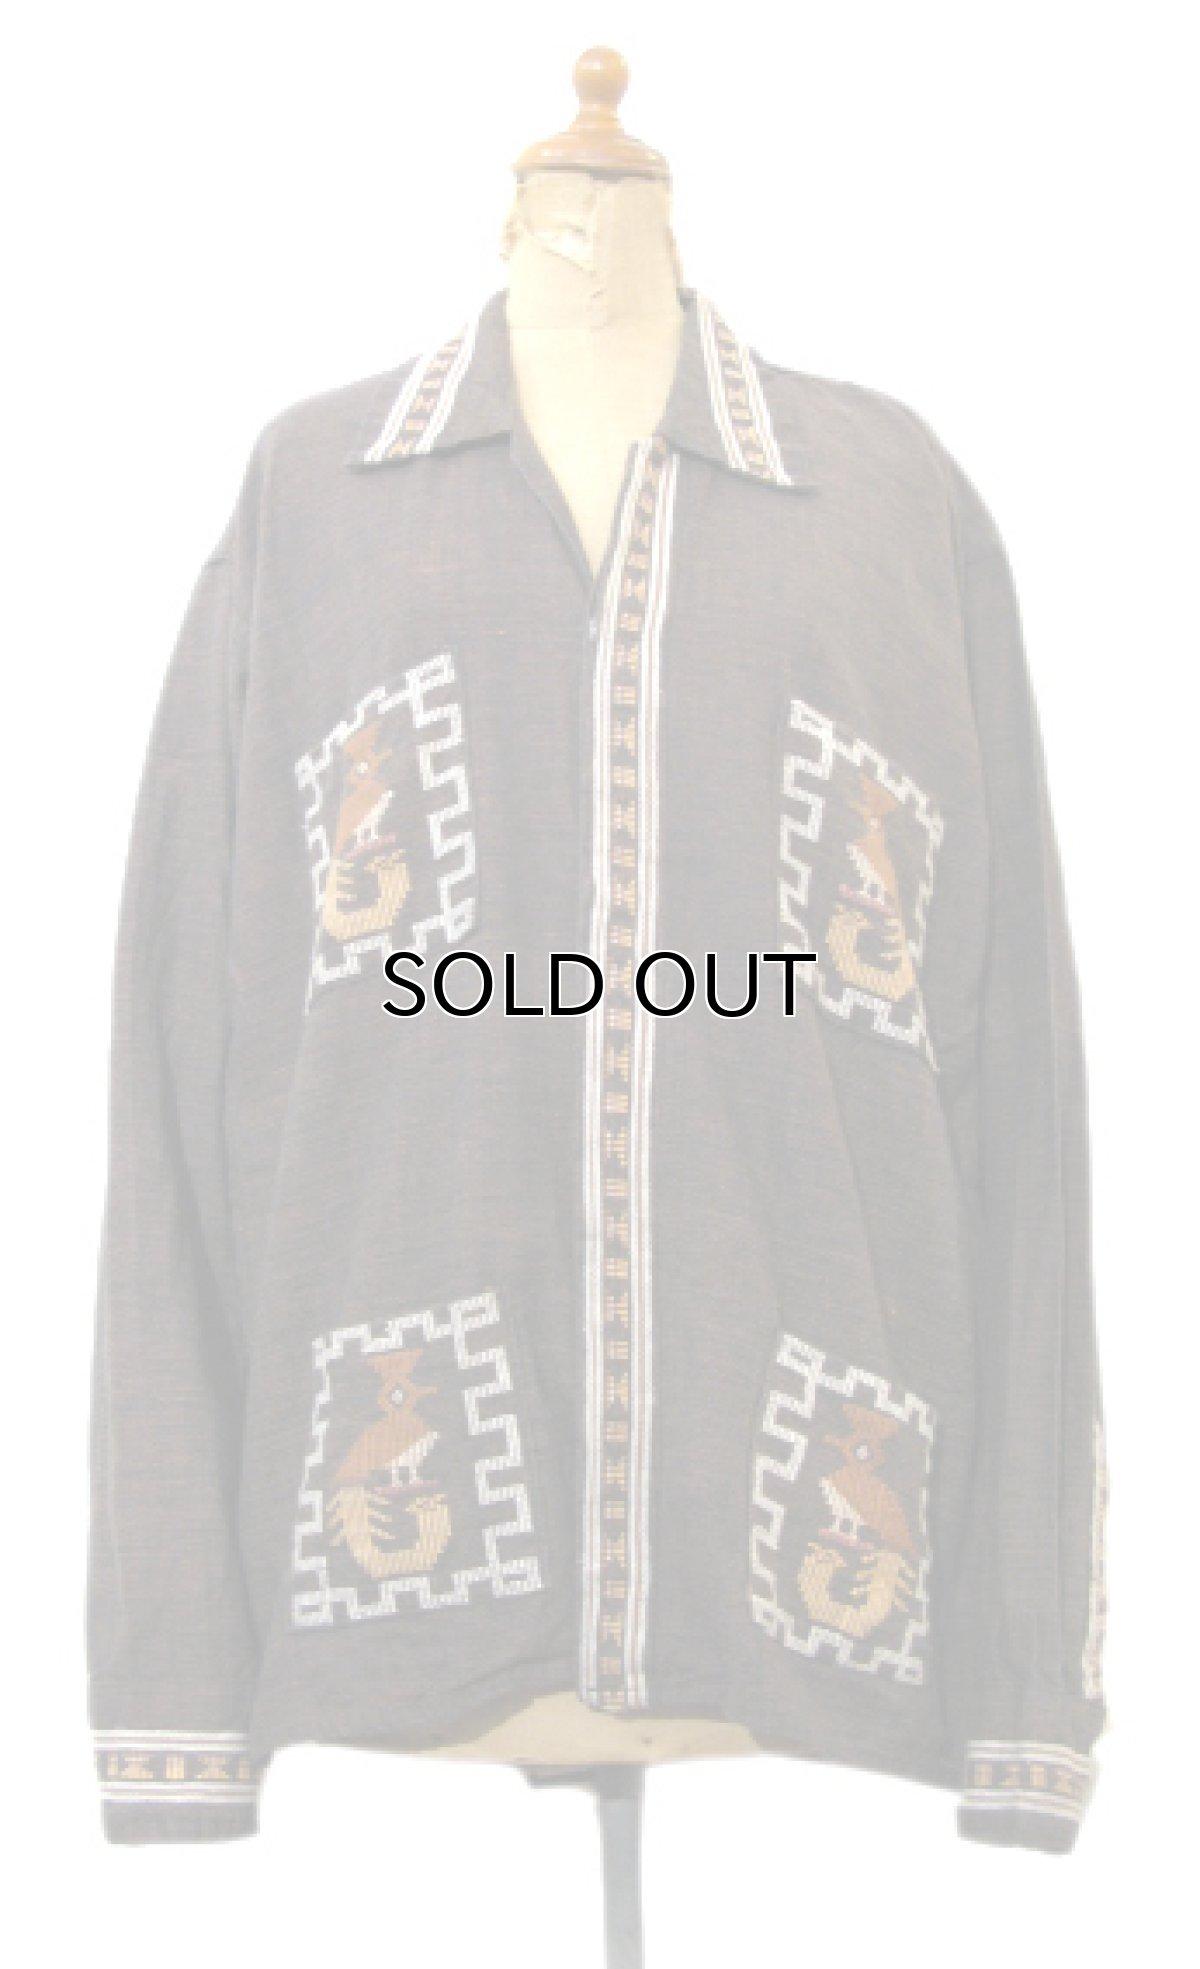 画像1: 1970's OLD Guatemara Shirts Brown系 size L (表記不明) (1)